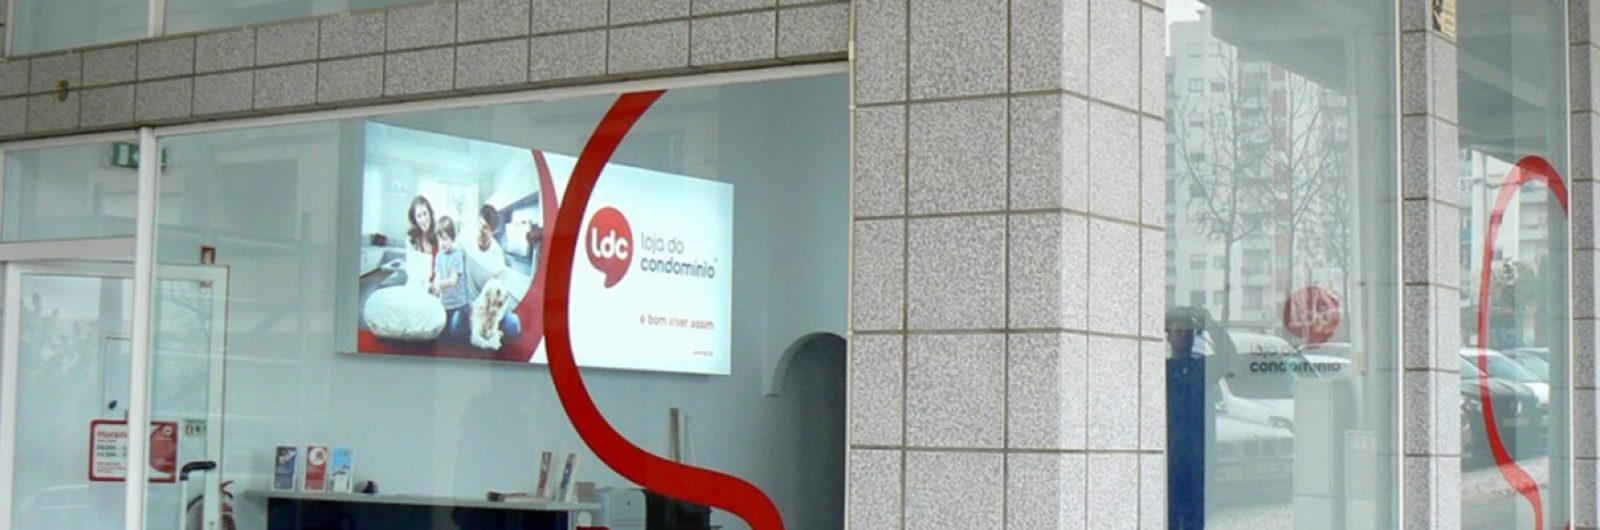 Loja do Condomínio firma parceria com a DECO